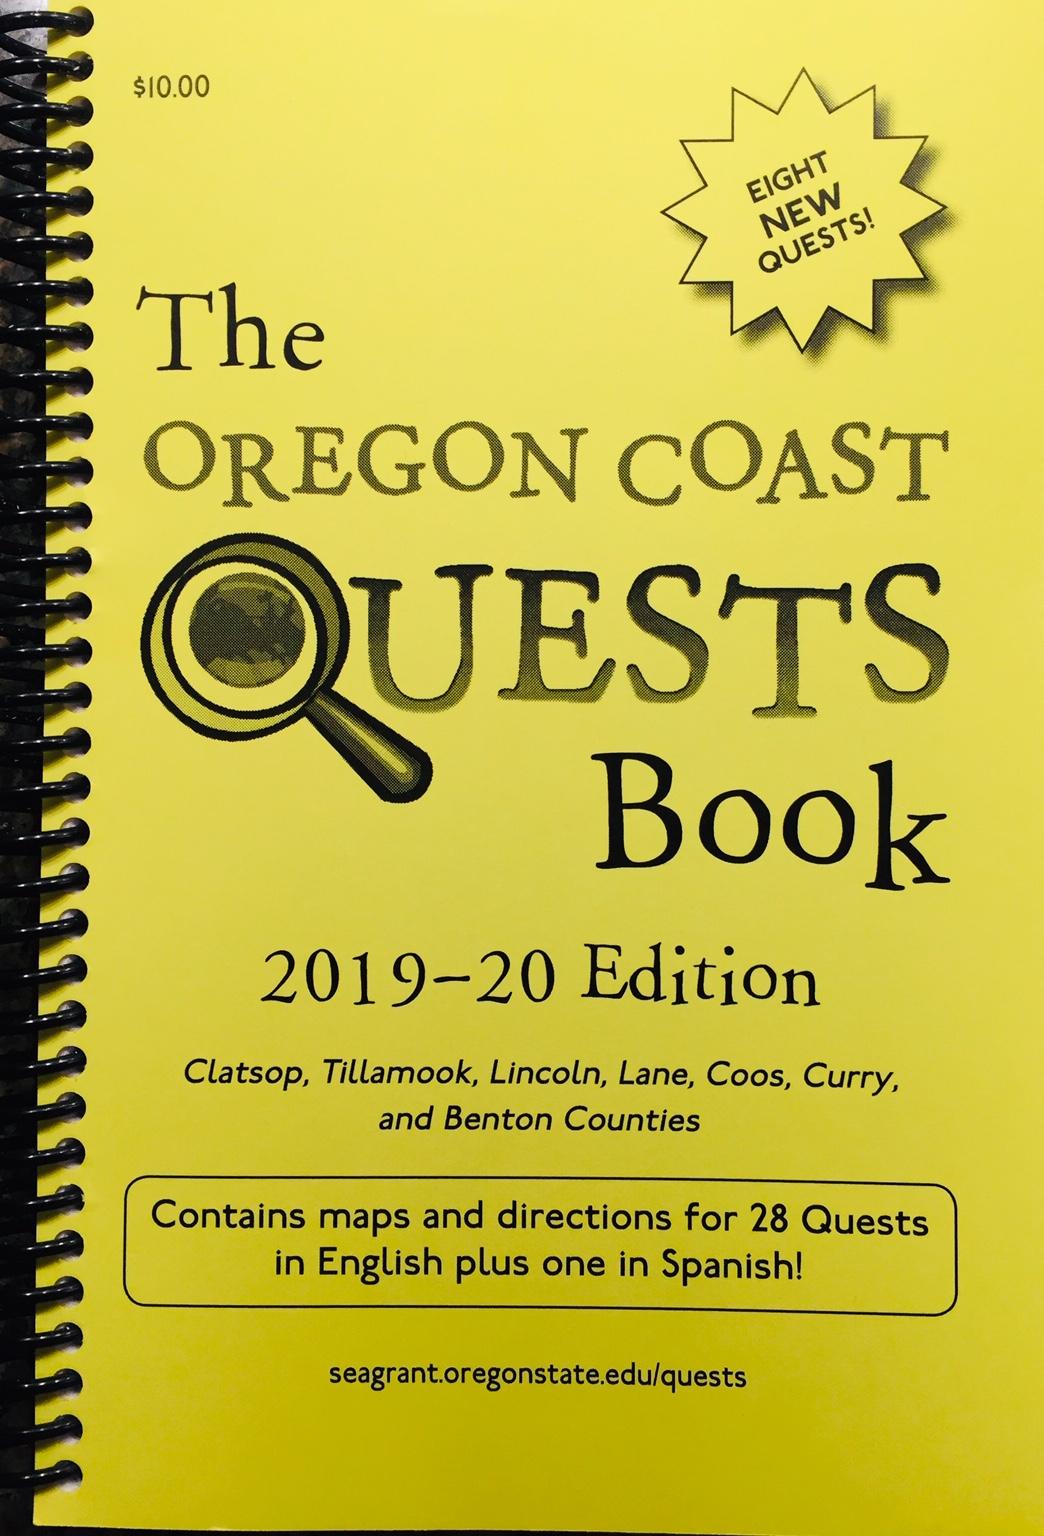 Oregon Coast Quests Book, 2019-20 Ed cover